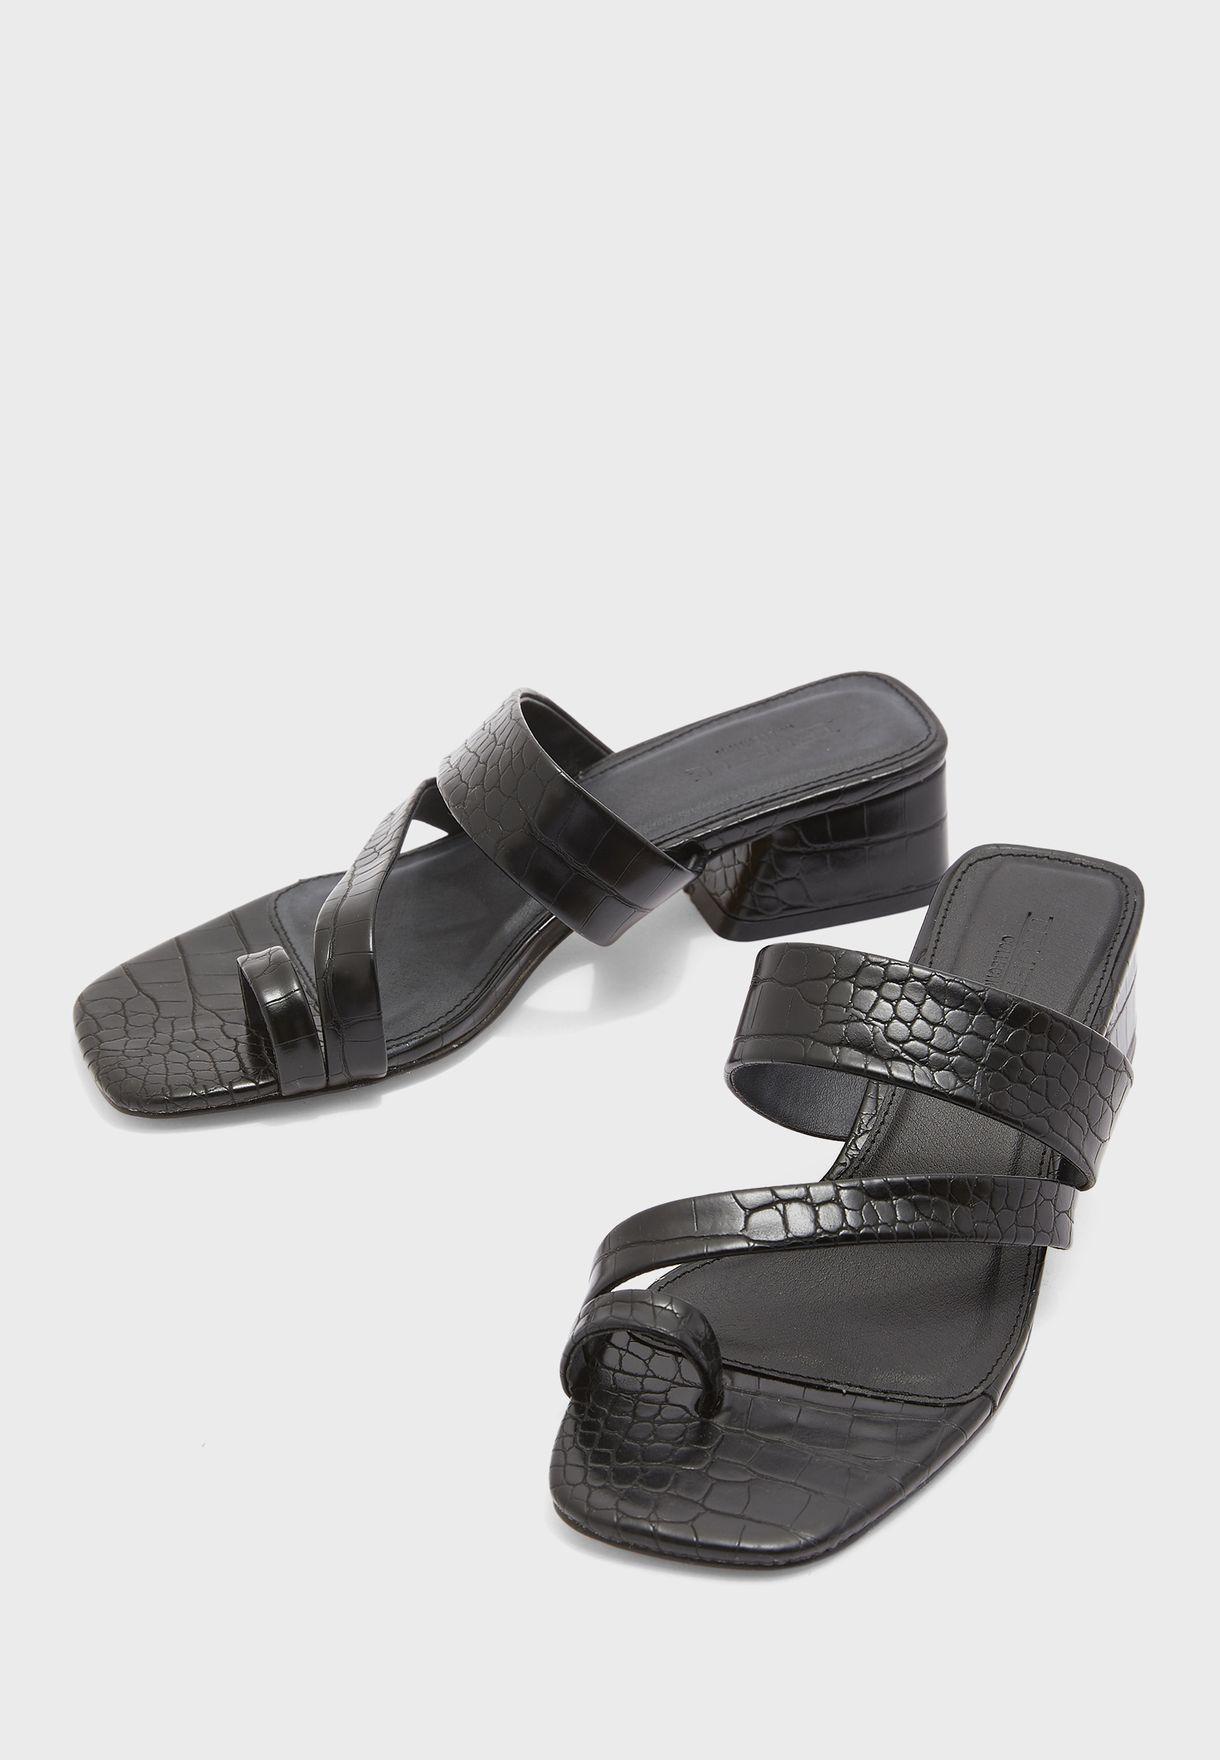 Croc Mule Sandals